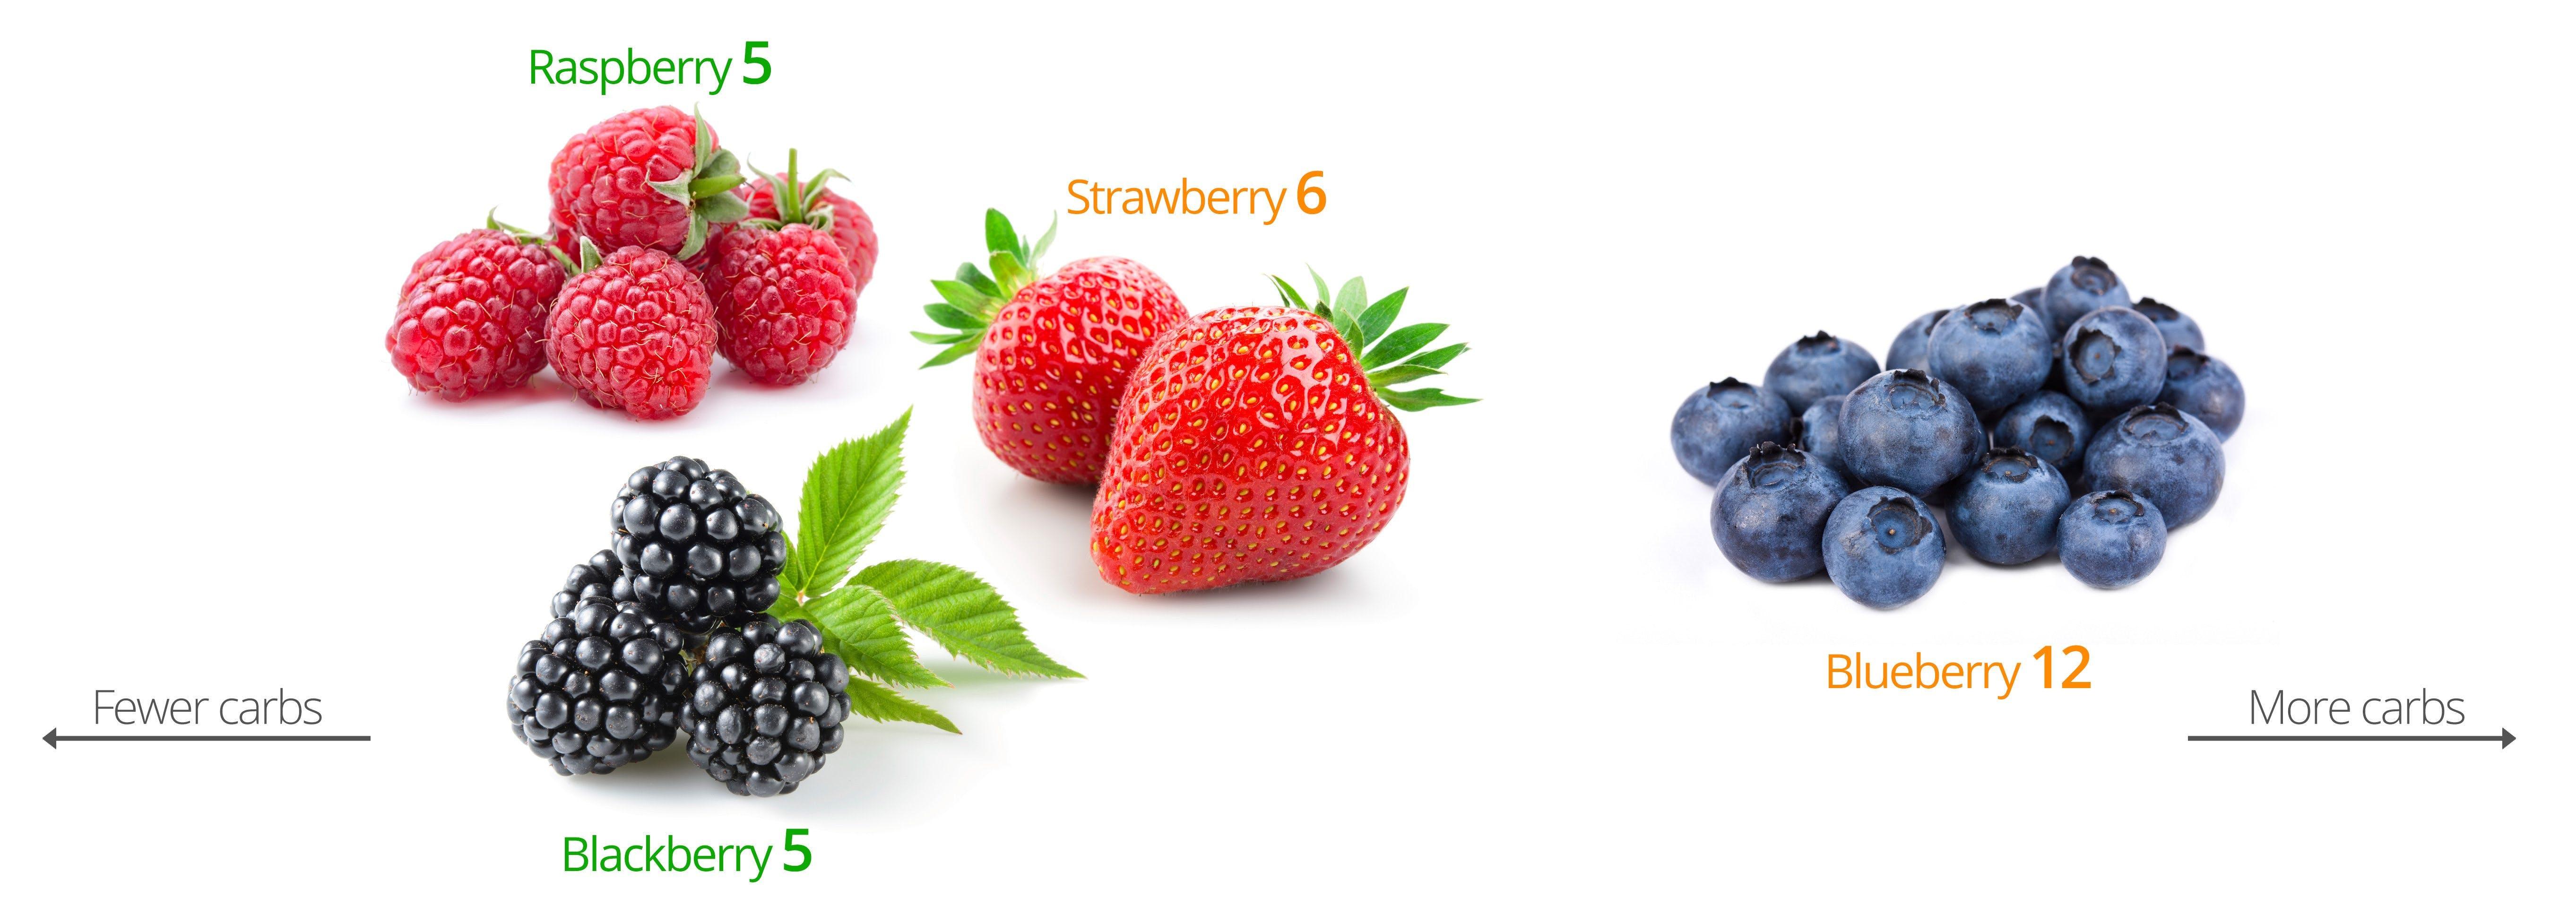 Low-Carb Berries